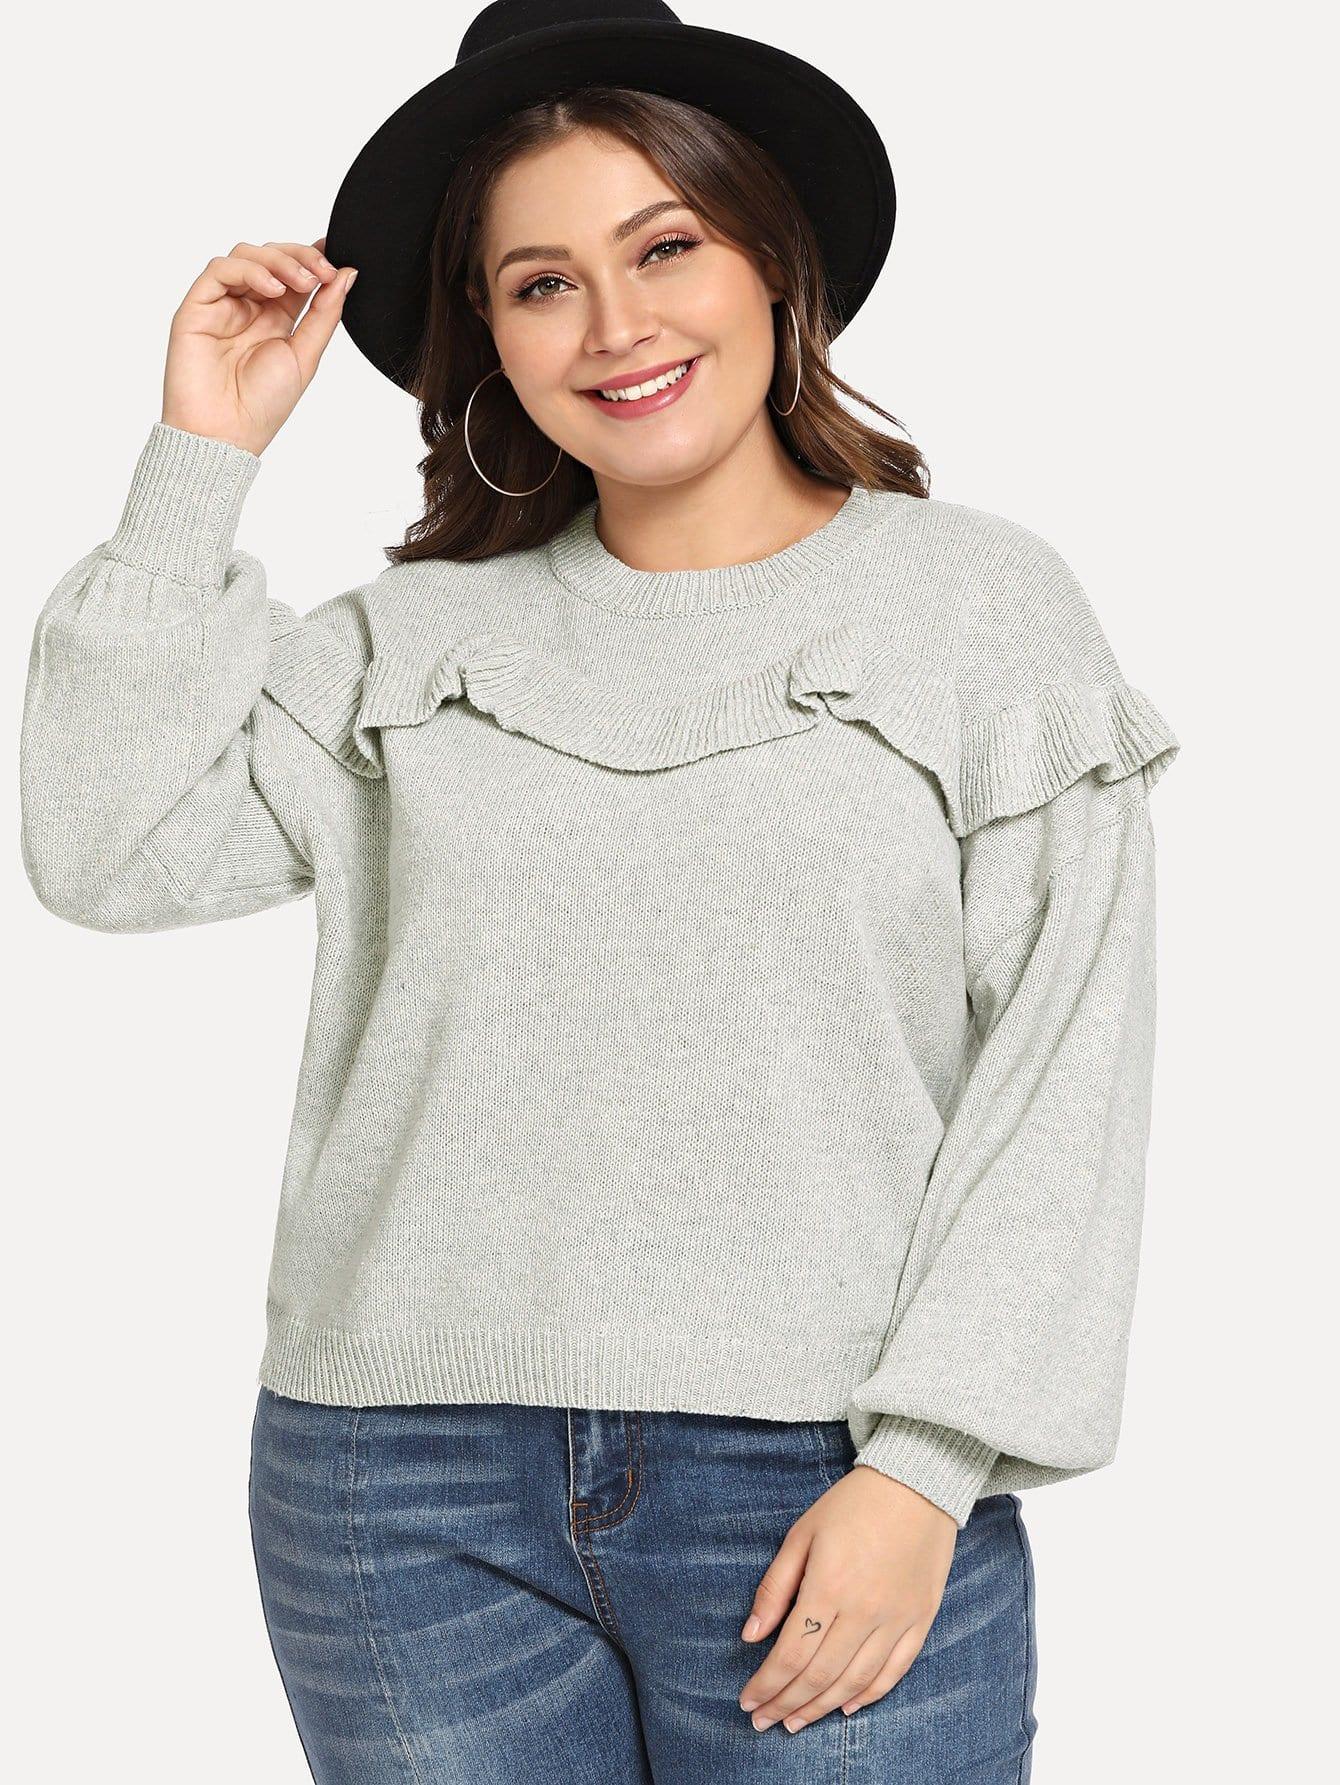 Купить Плюс размеры туника свитер с отделкой оборкой, Carol, SheIn